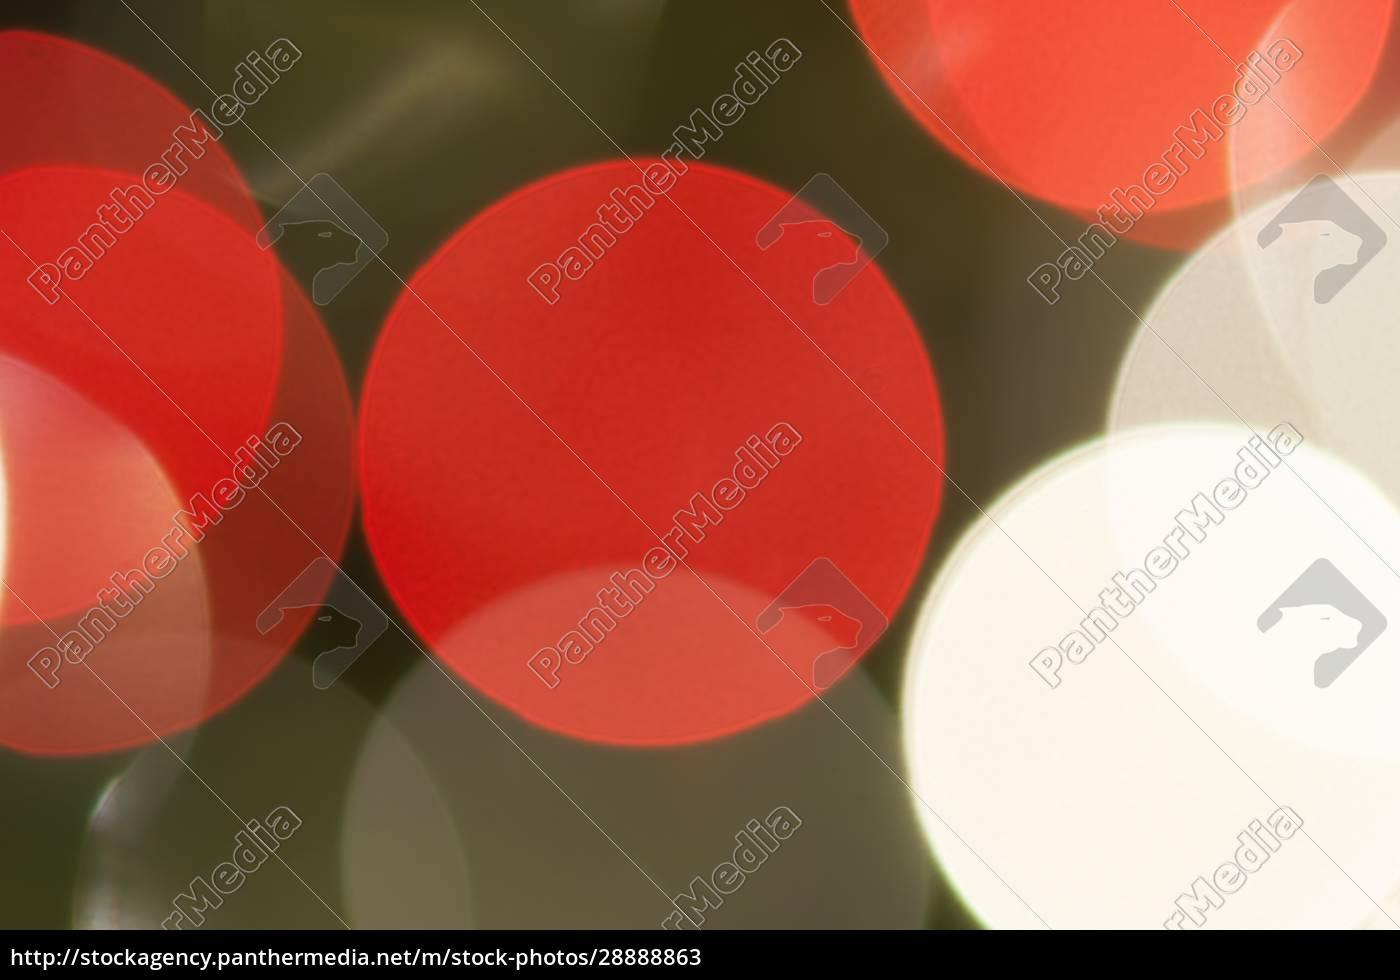 farverige, festlige, flerfarvede, cirkler, ., defokuseret - 28888863